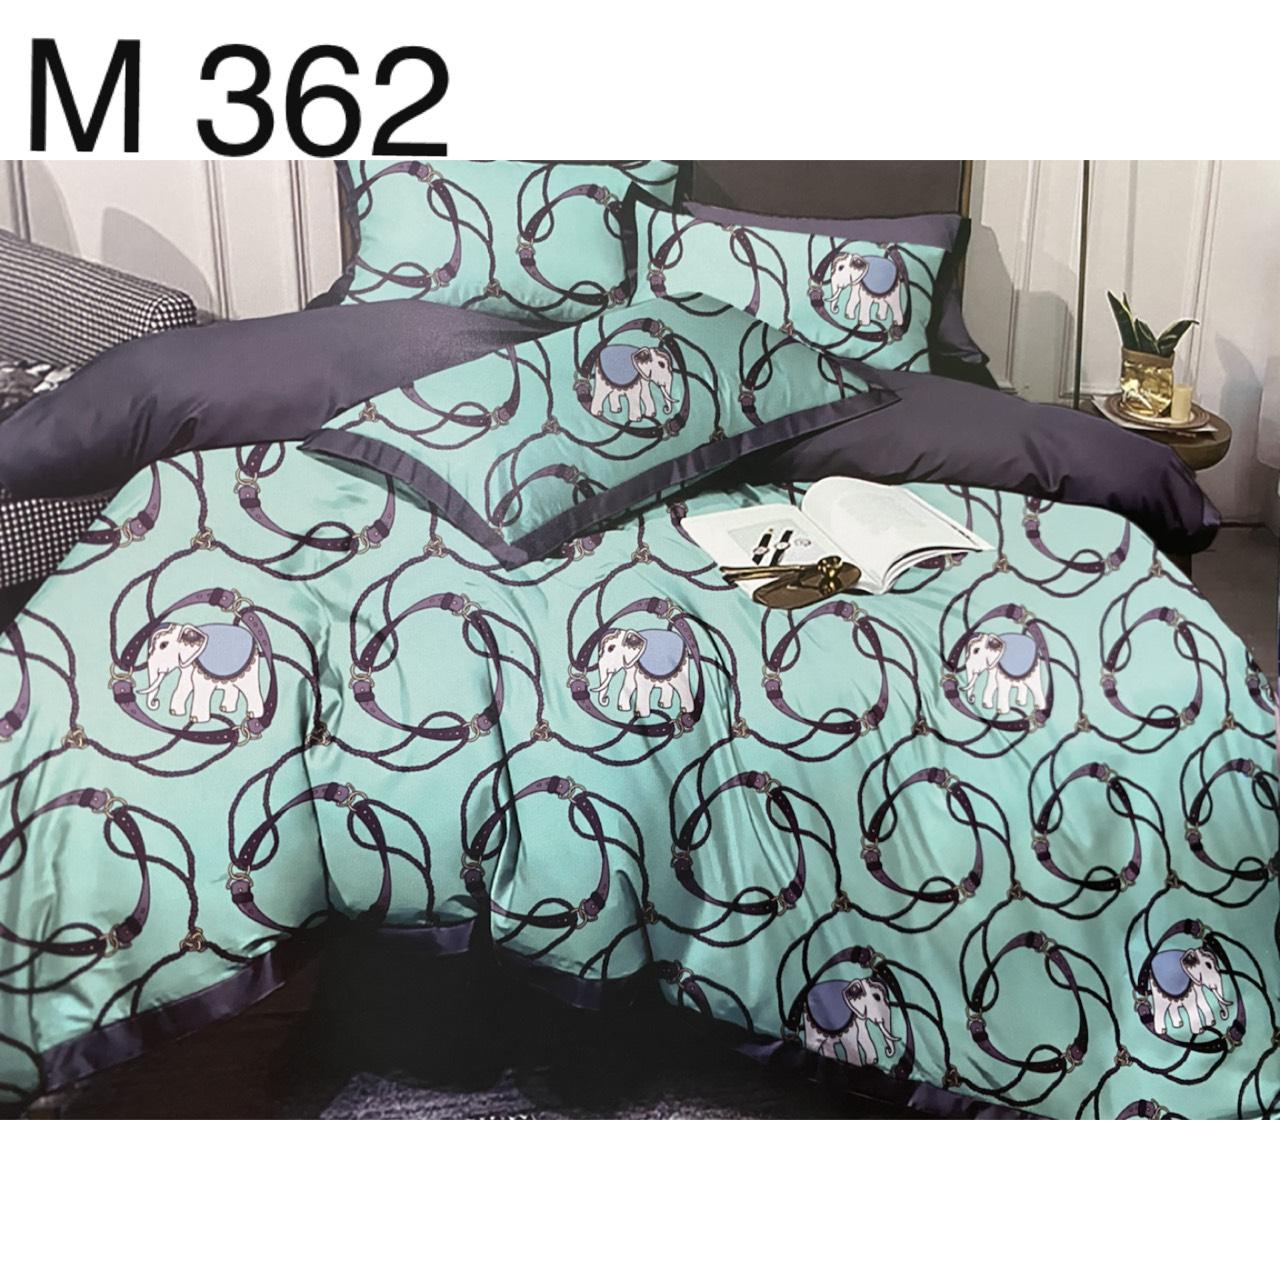 Bộ Chăn Ga Cotton Đũi Loại 1 Hàn Quốc - M362